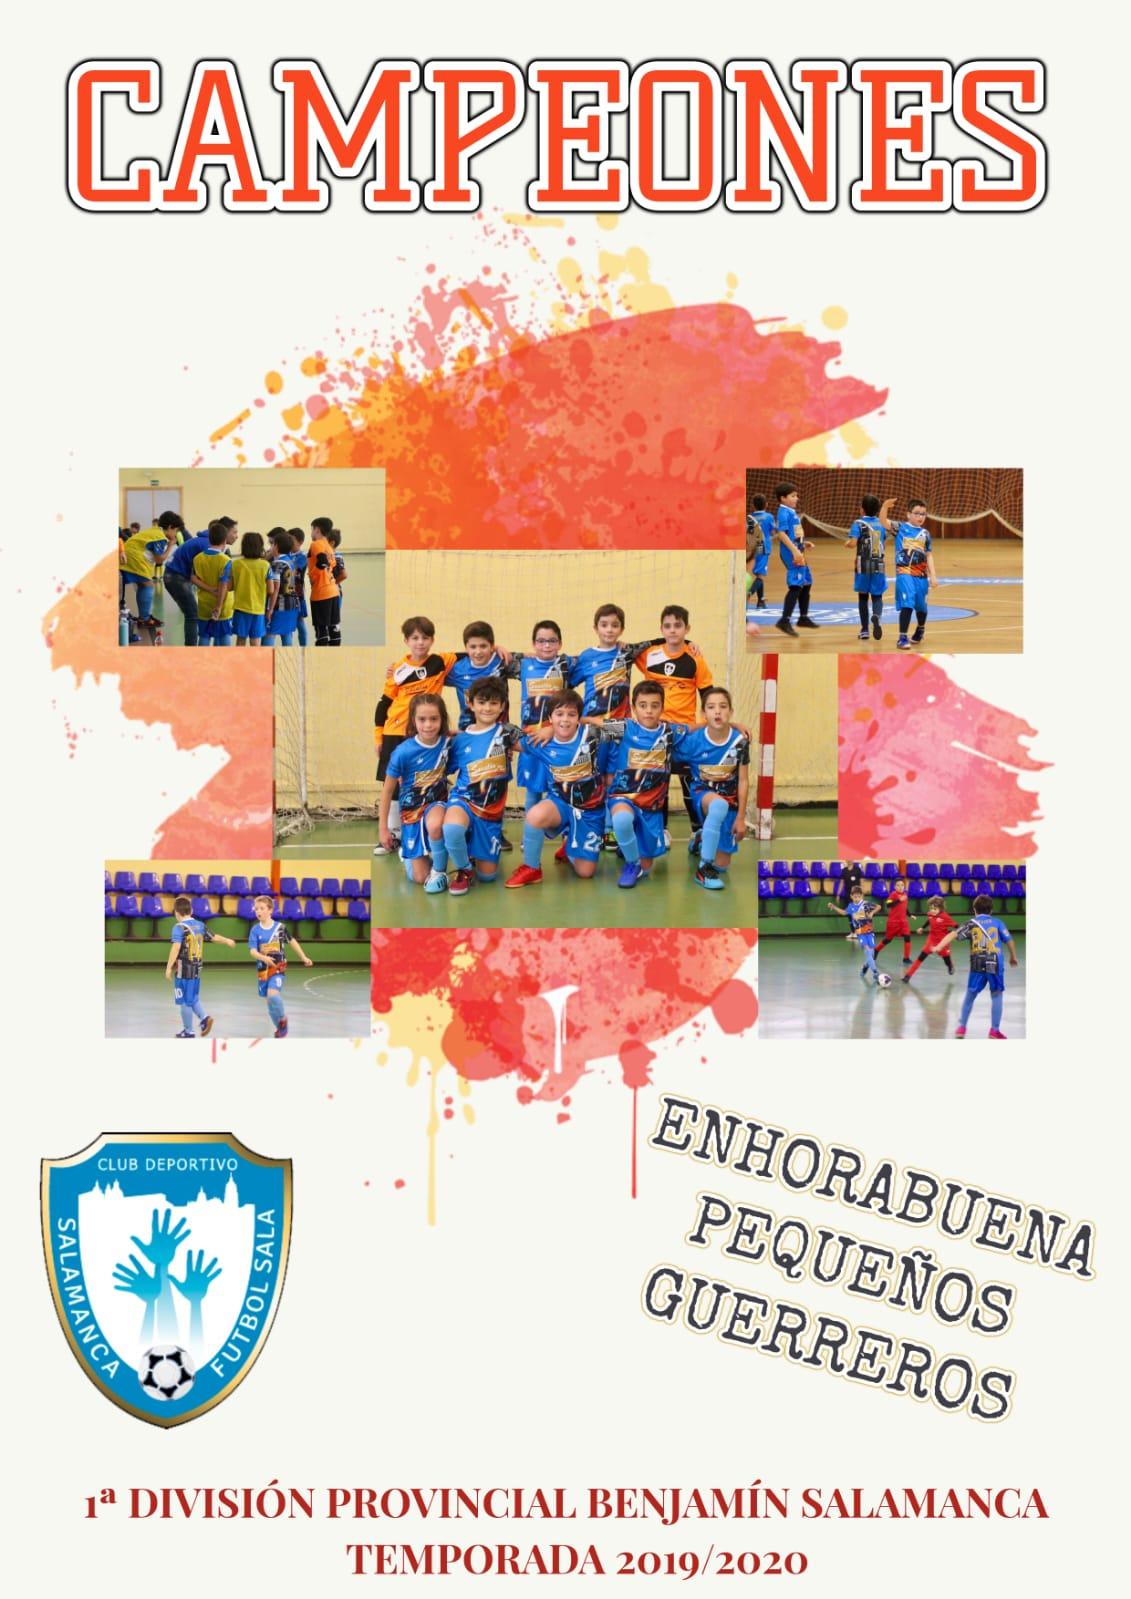 campeones primera division provincial benjamin salamanca